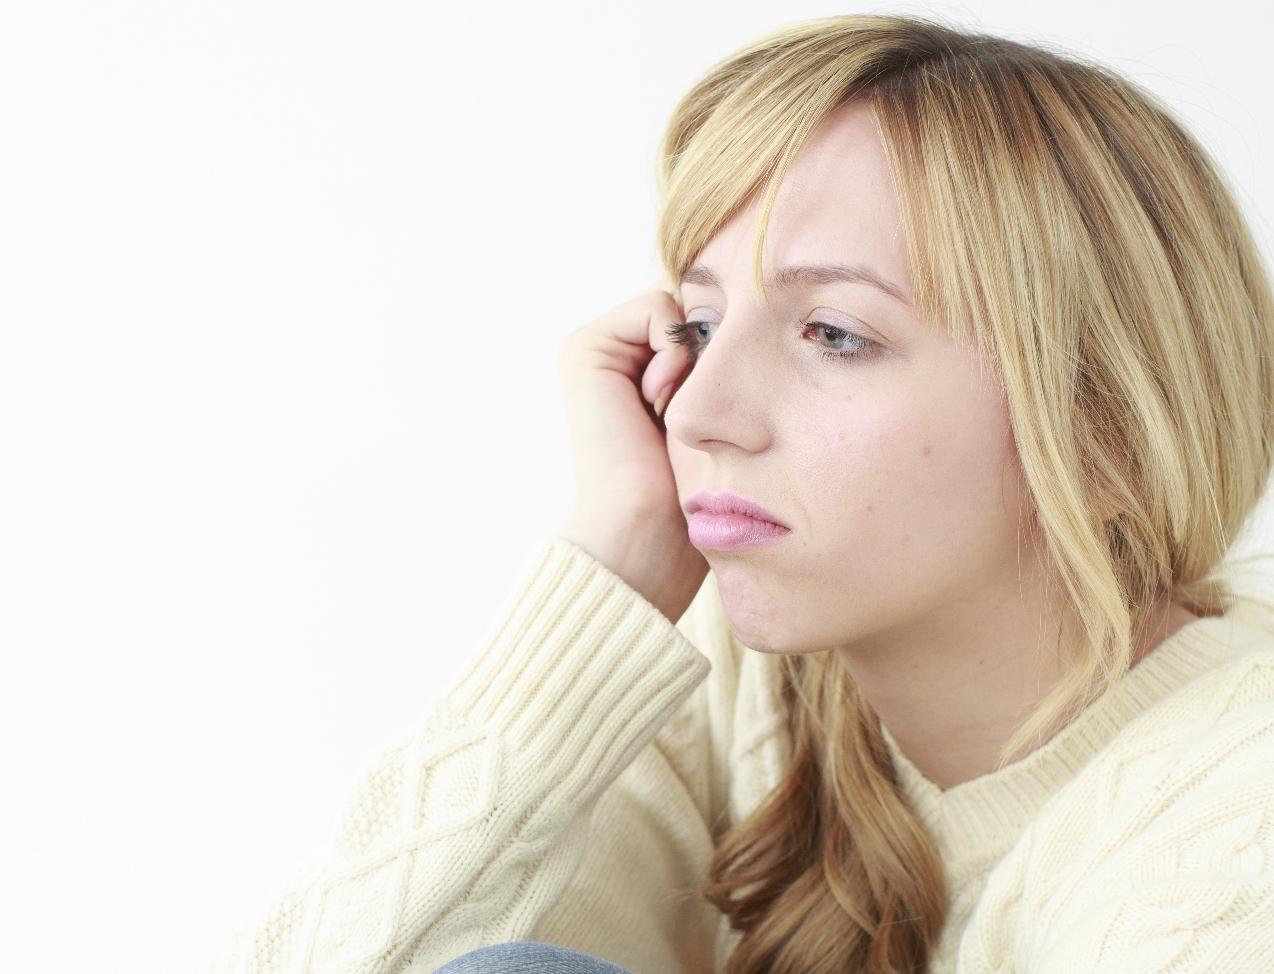 イライラ・眠気「低血糖」が原因かも?看護師が教える緩和方法3つ